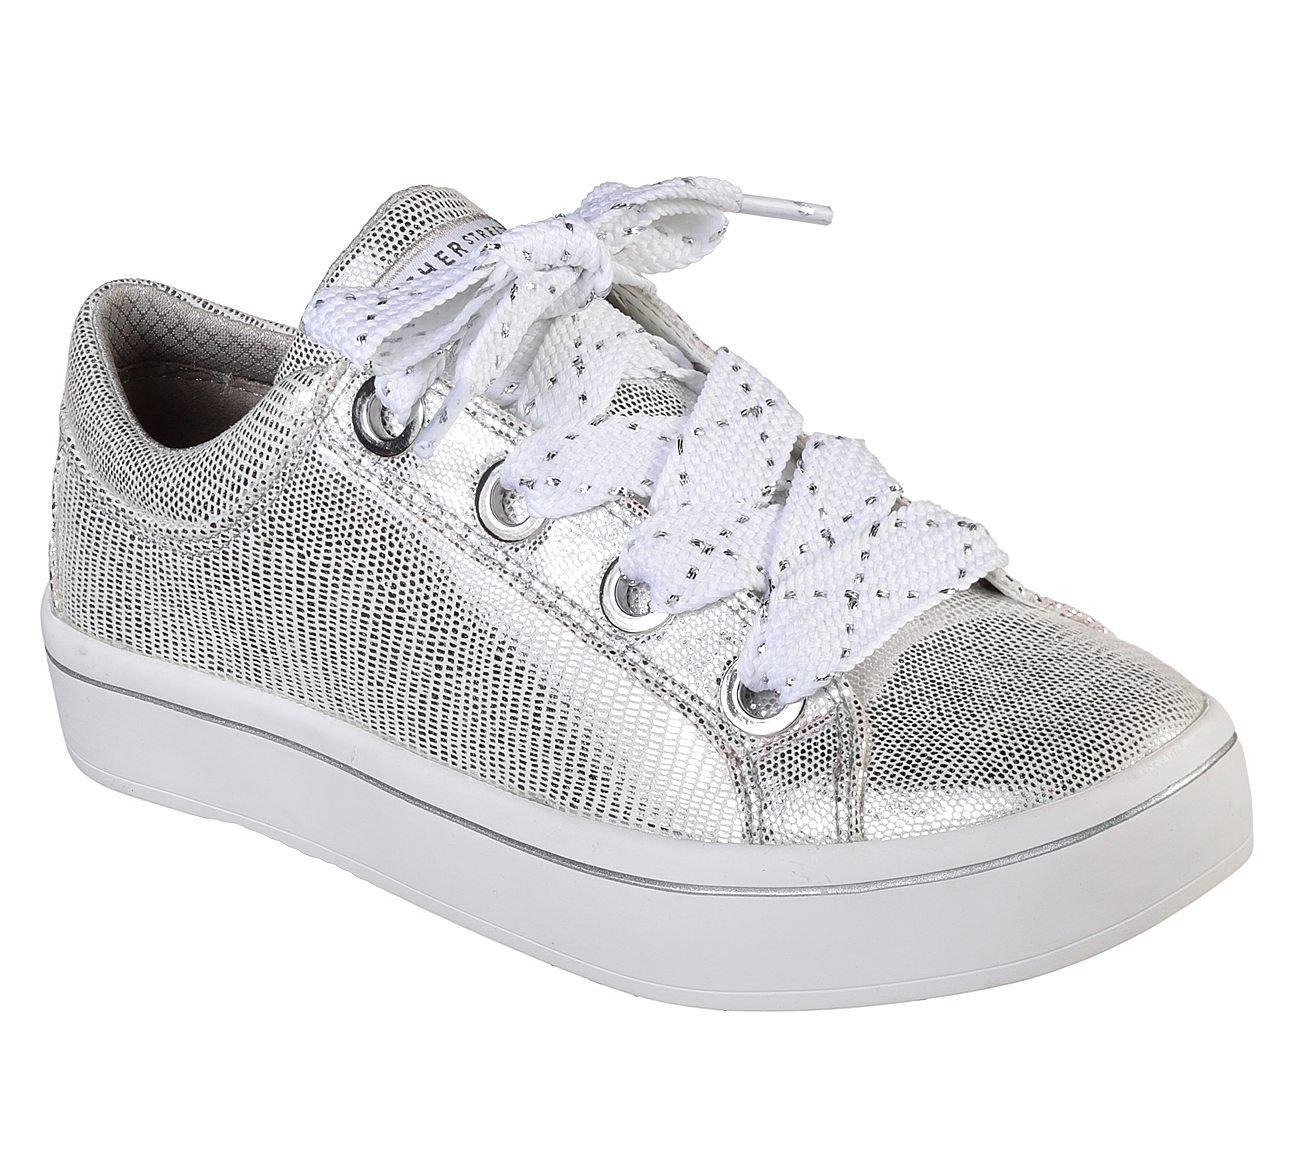 Skechers Women's Hi-Lite-Reptile Metallic Sneaker B075ZXV99D 5 B(M) US|White/Silver